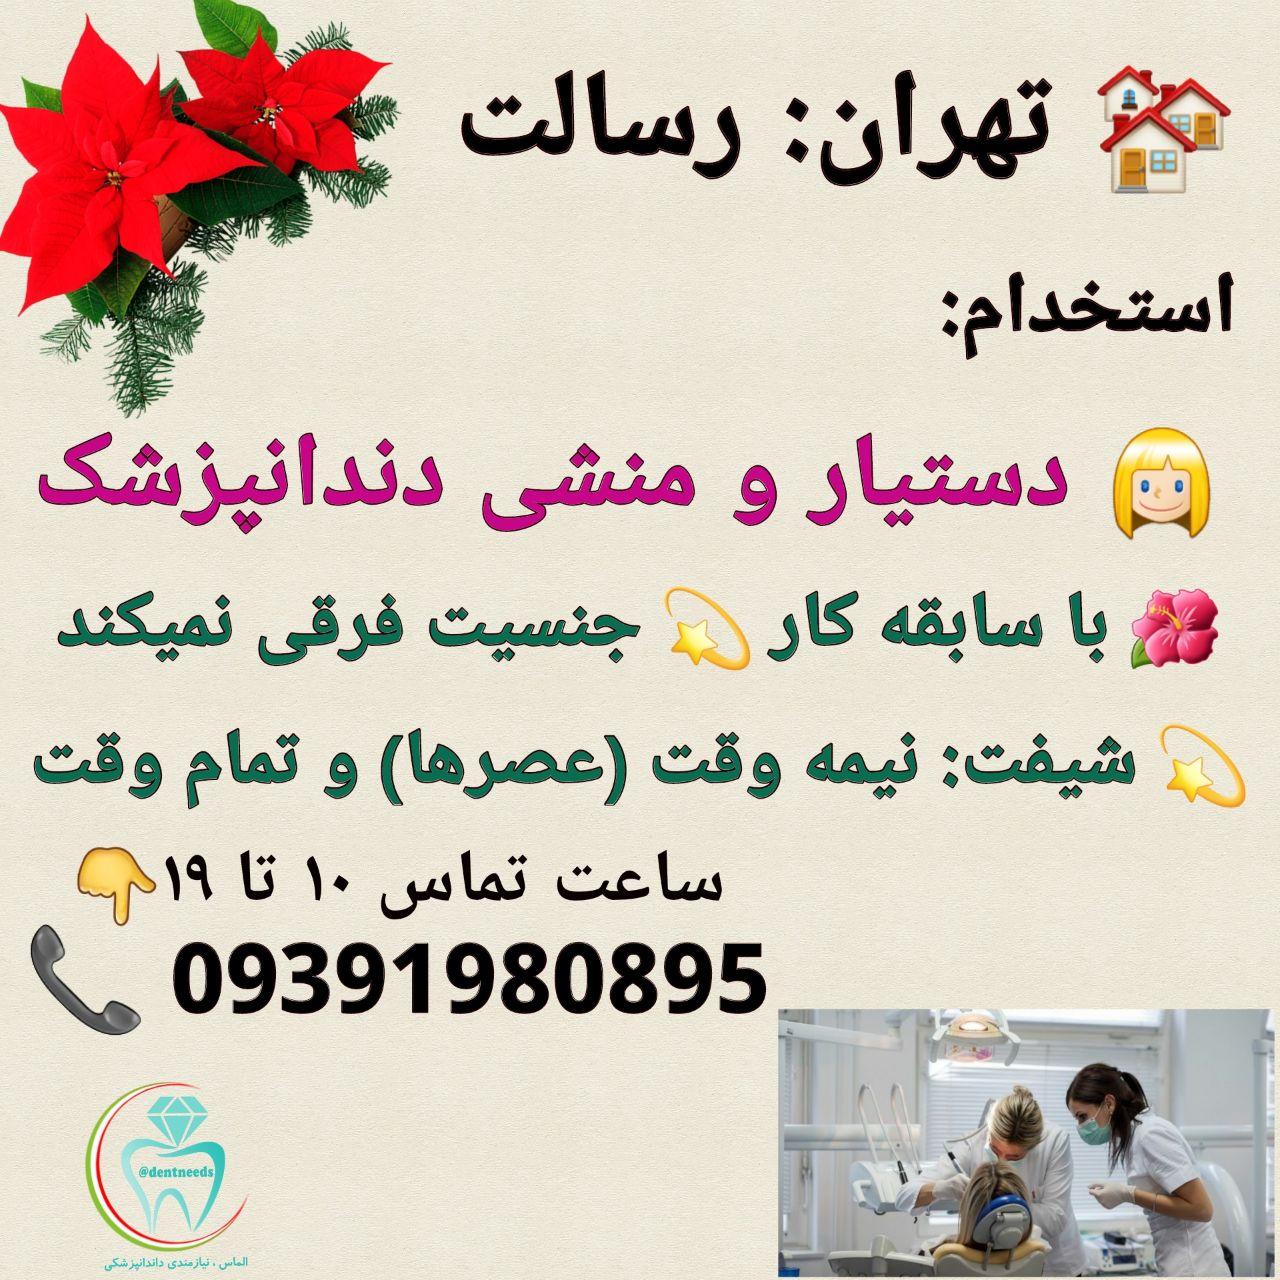 تهران: رسالت، استخدام دستیار و منشی دندانپزشک